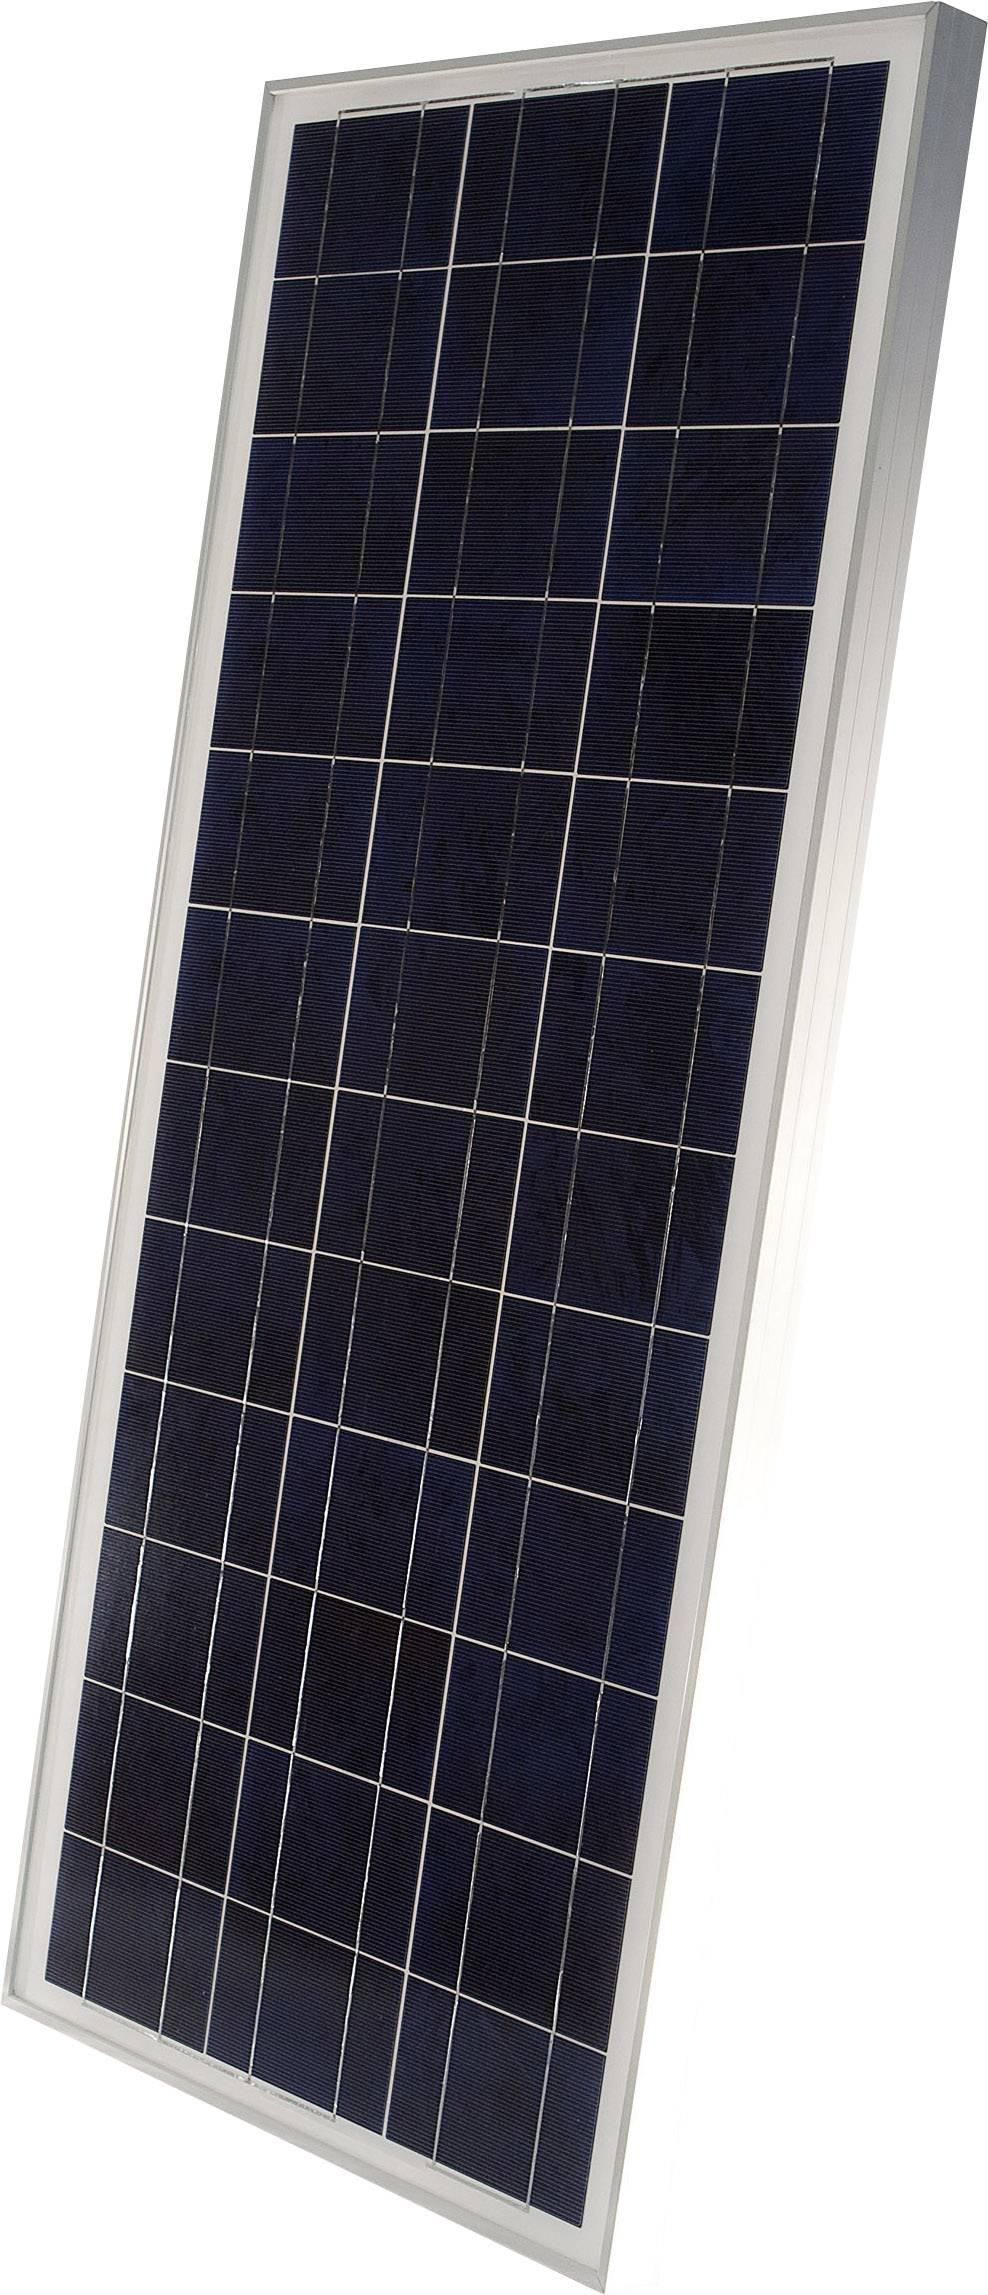 Polykrystalický solární panel Sunset PX 85, 4670 mA, 85 Wp, 12 V